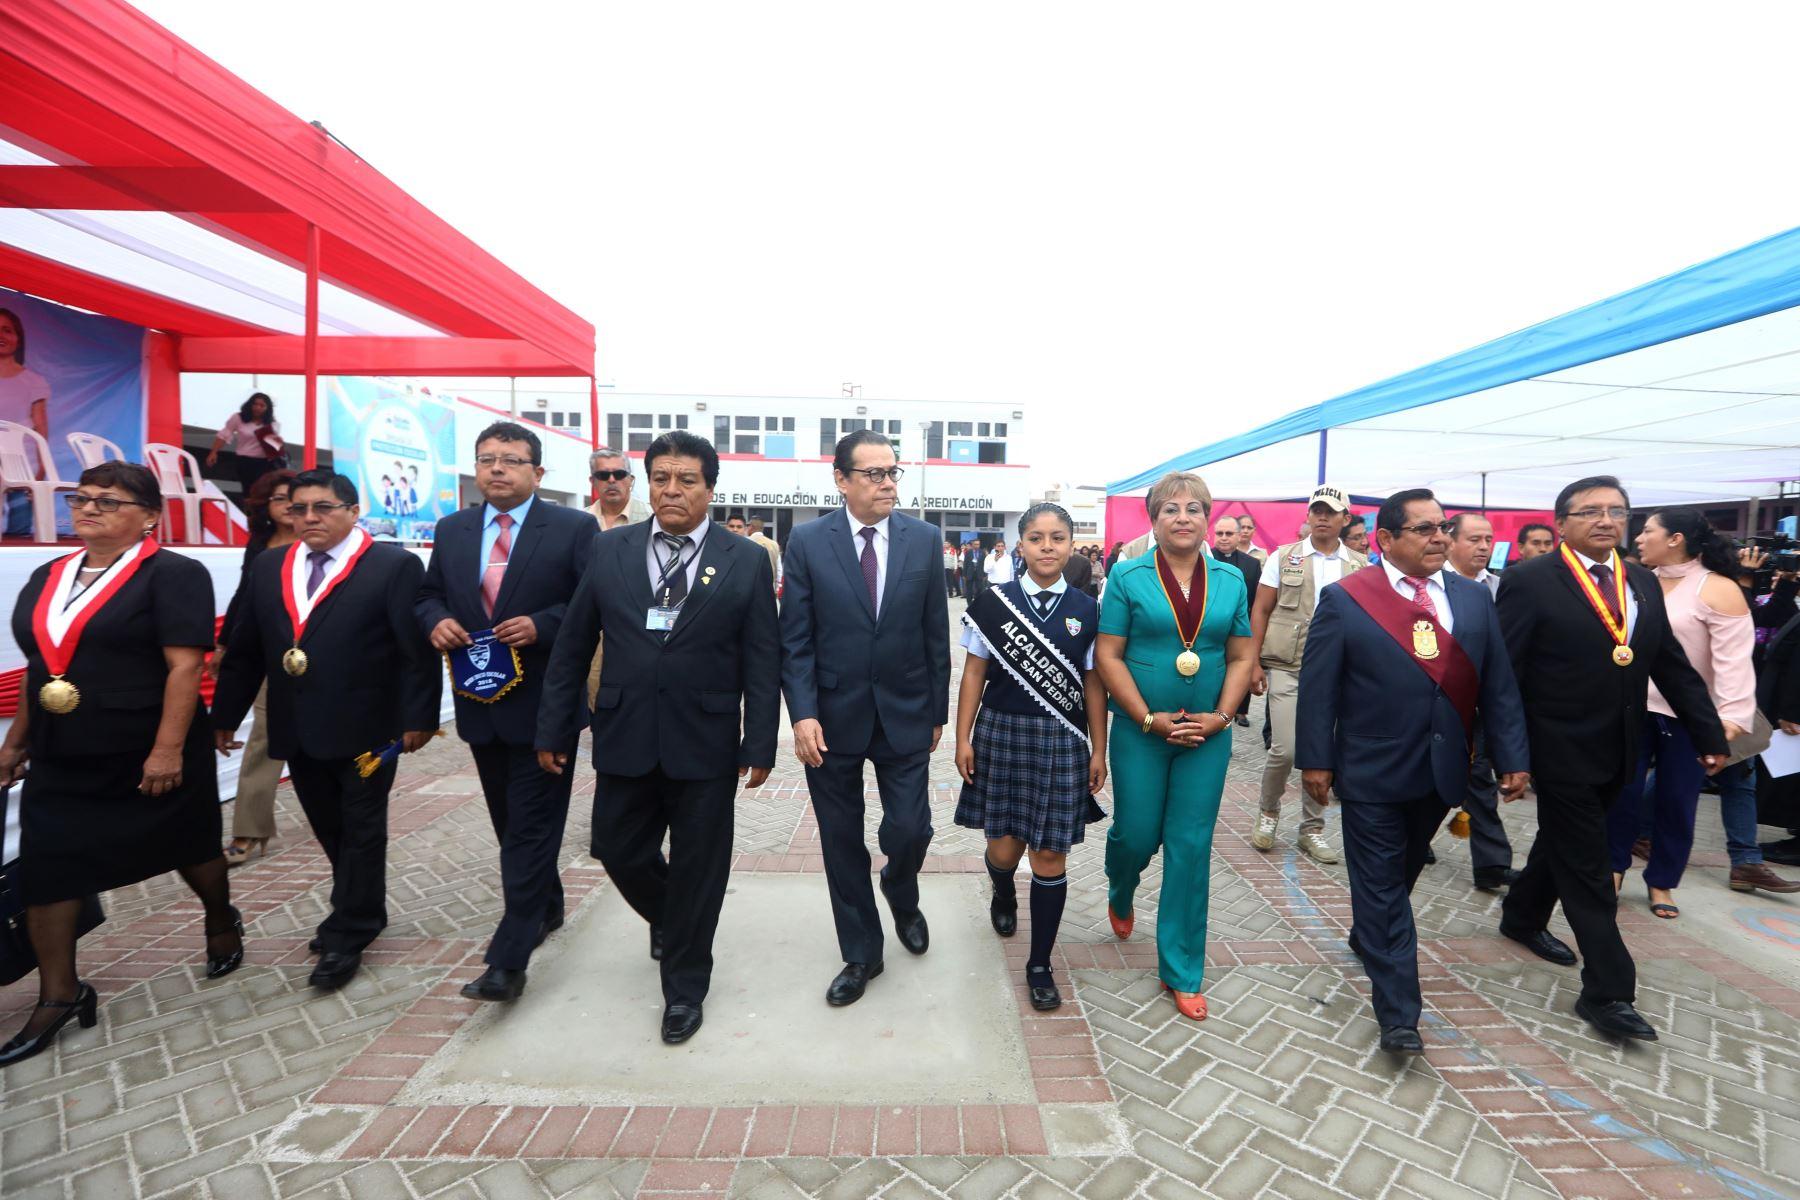 Ministro de Justicia, Enrique Mendoza, inauguró año escolar en colegio emblemático de Chimbote. ANDINA/Difusión